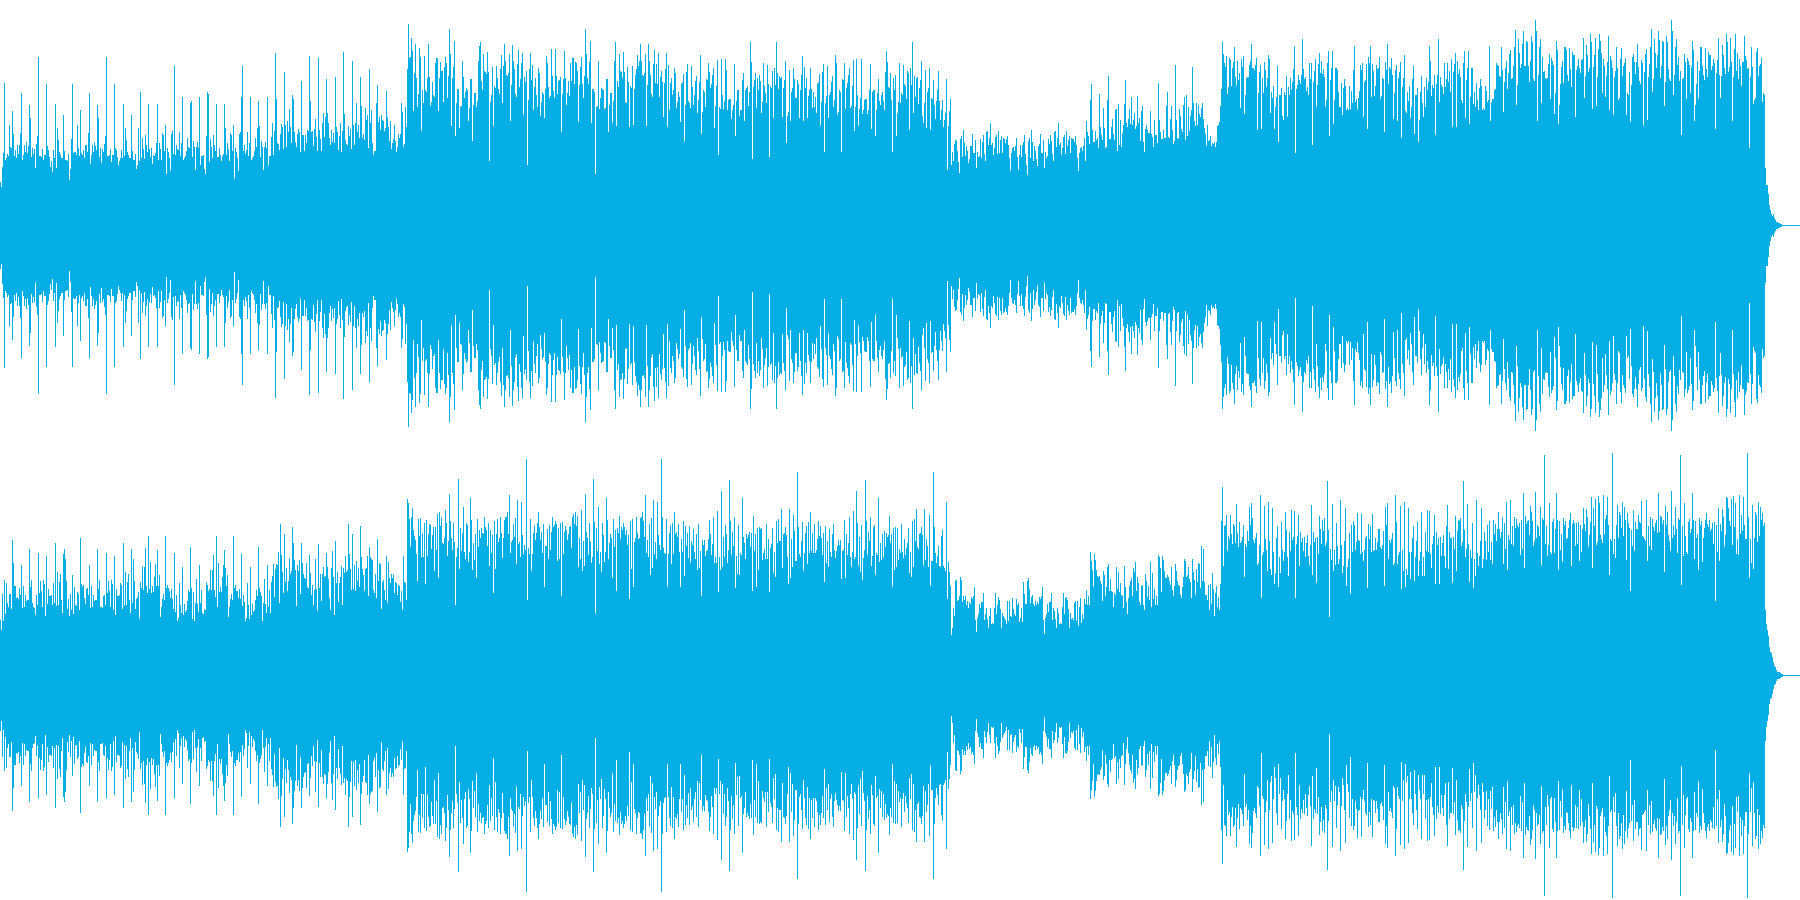 アップテンポなエレクトロの再生済みの波形